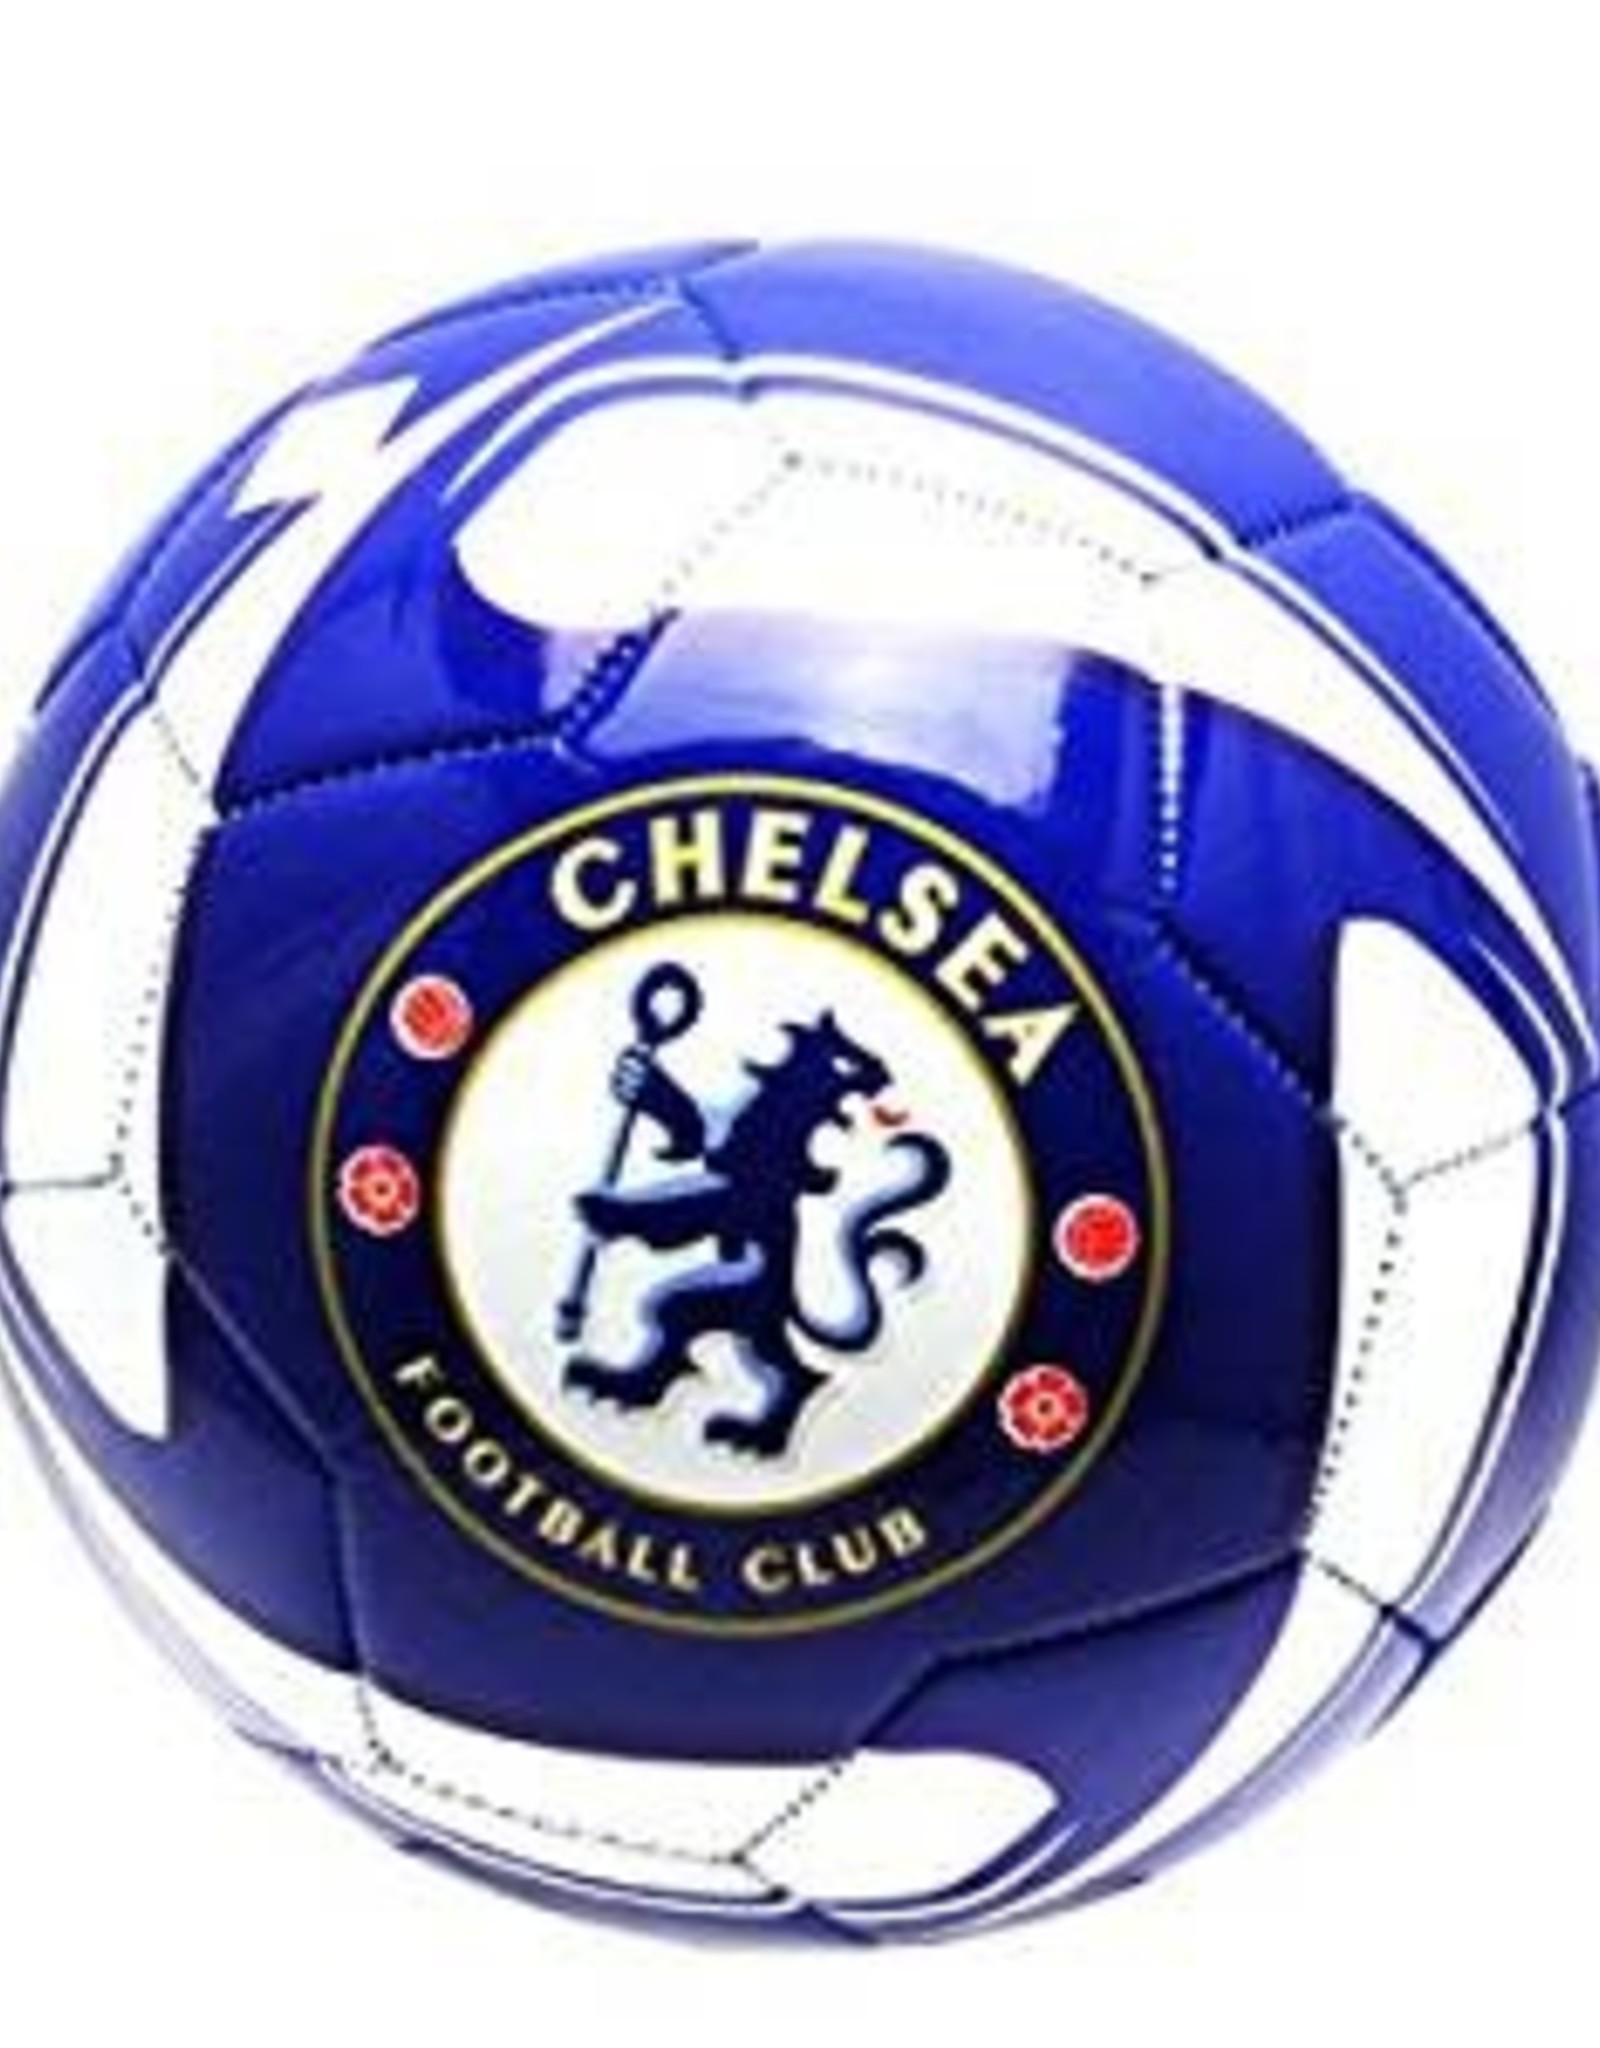 Chelsea Soccer Ball Blue/White Size 4